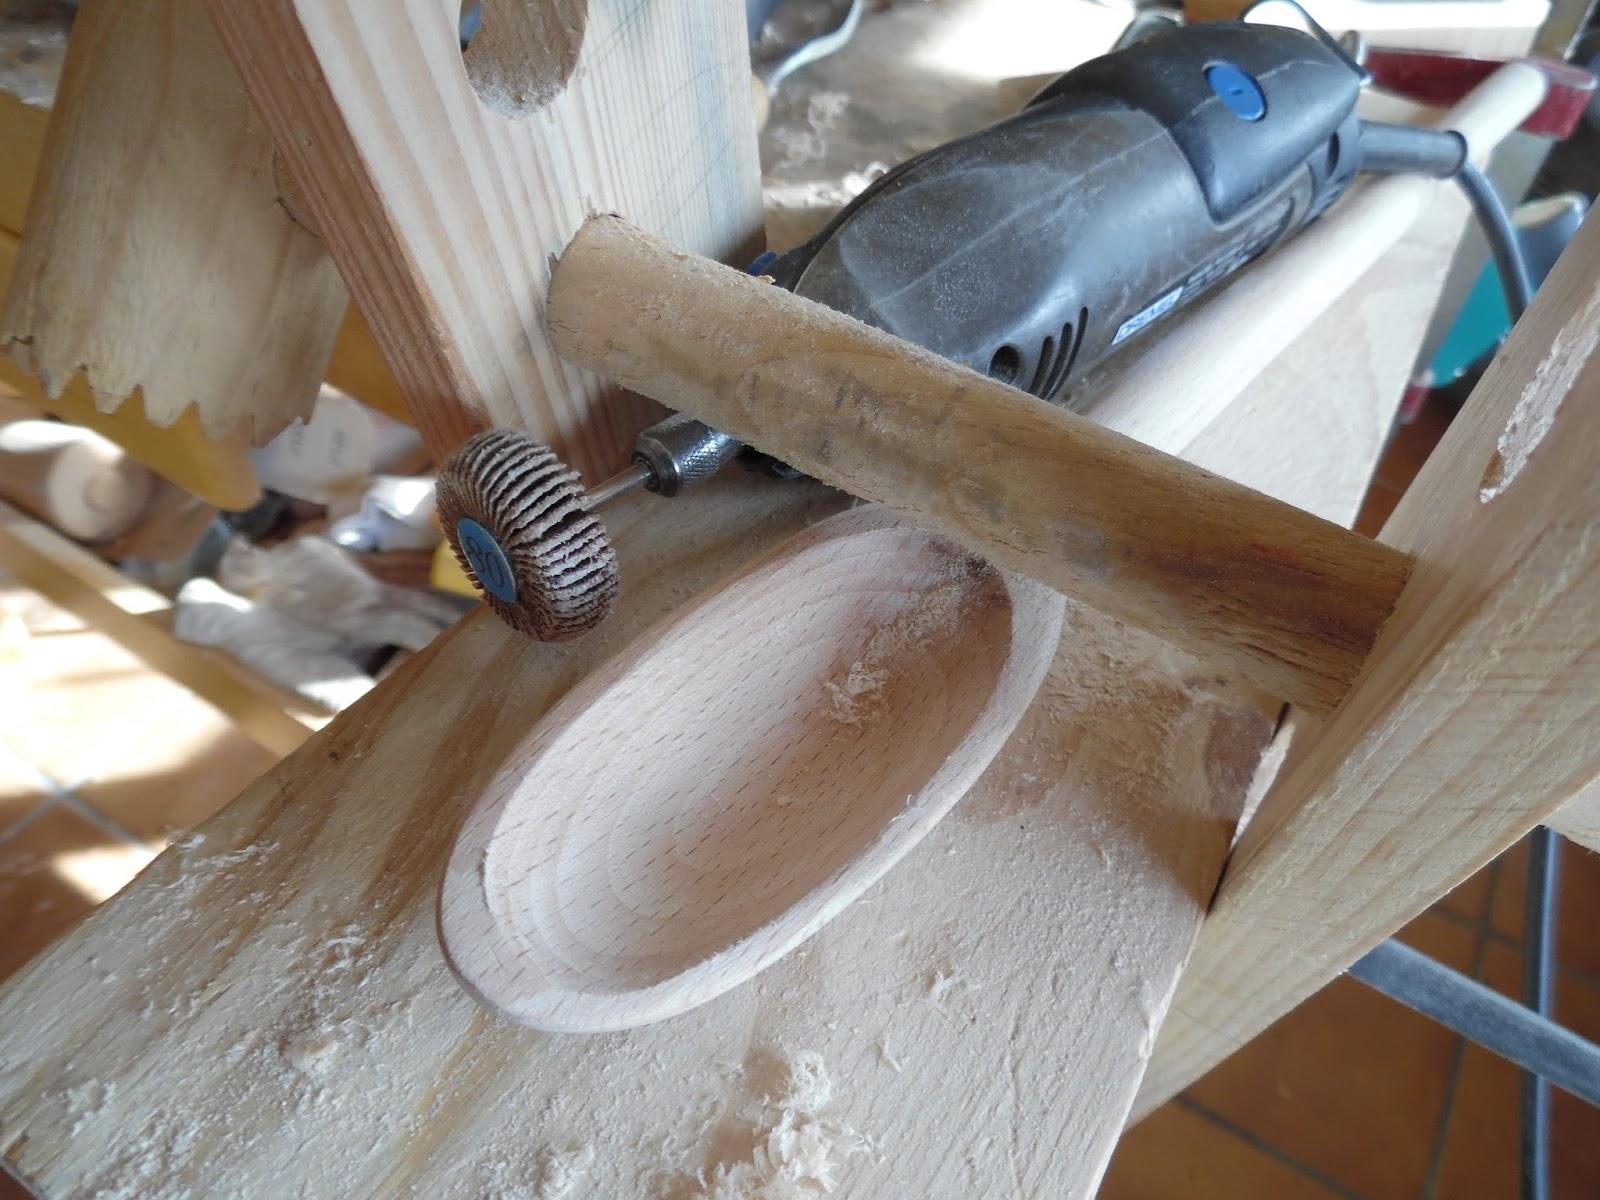 El rinc n de un aprendiz una cuchara en madera de haya - Taladro de la madera ...